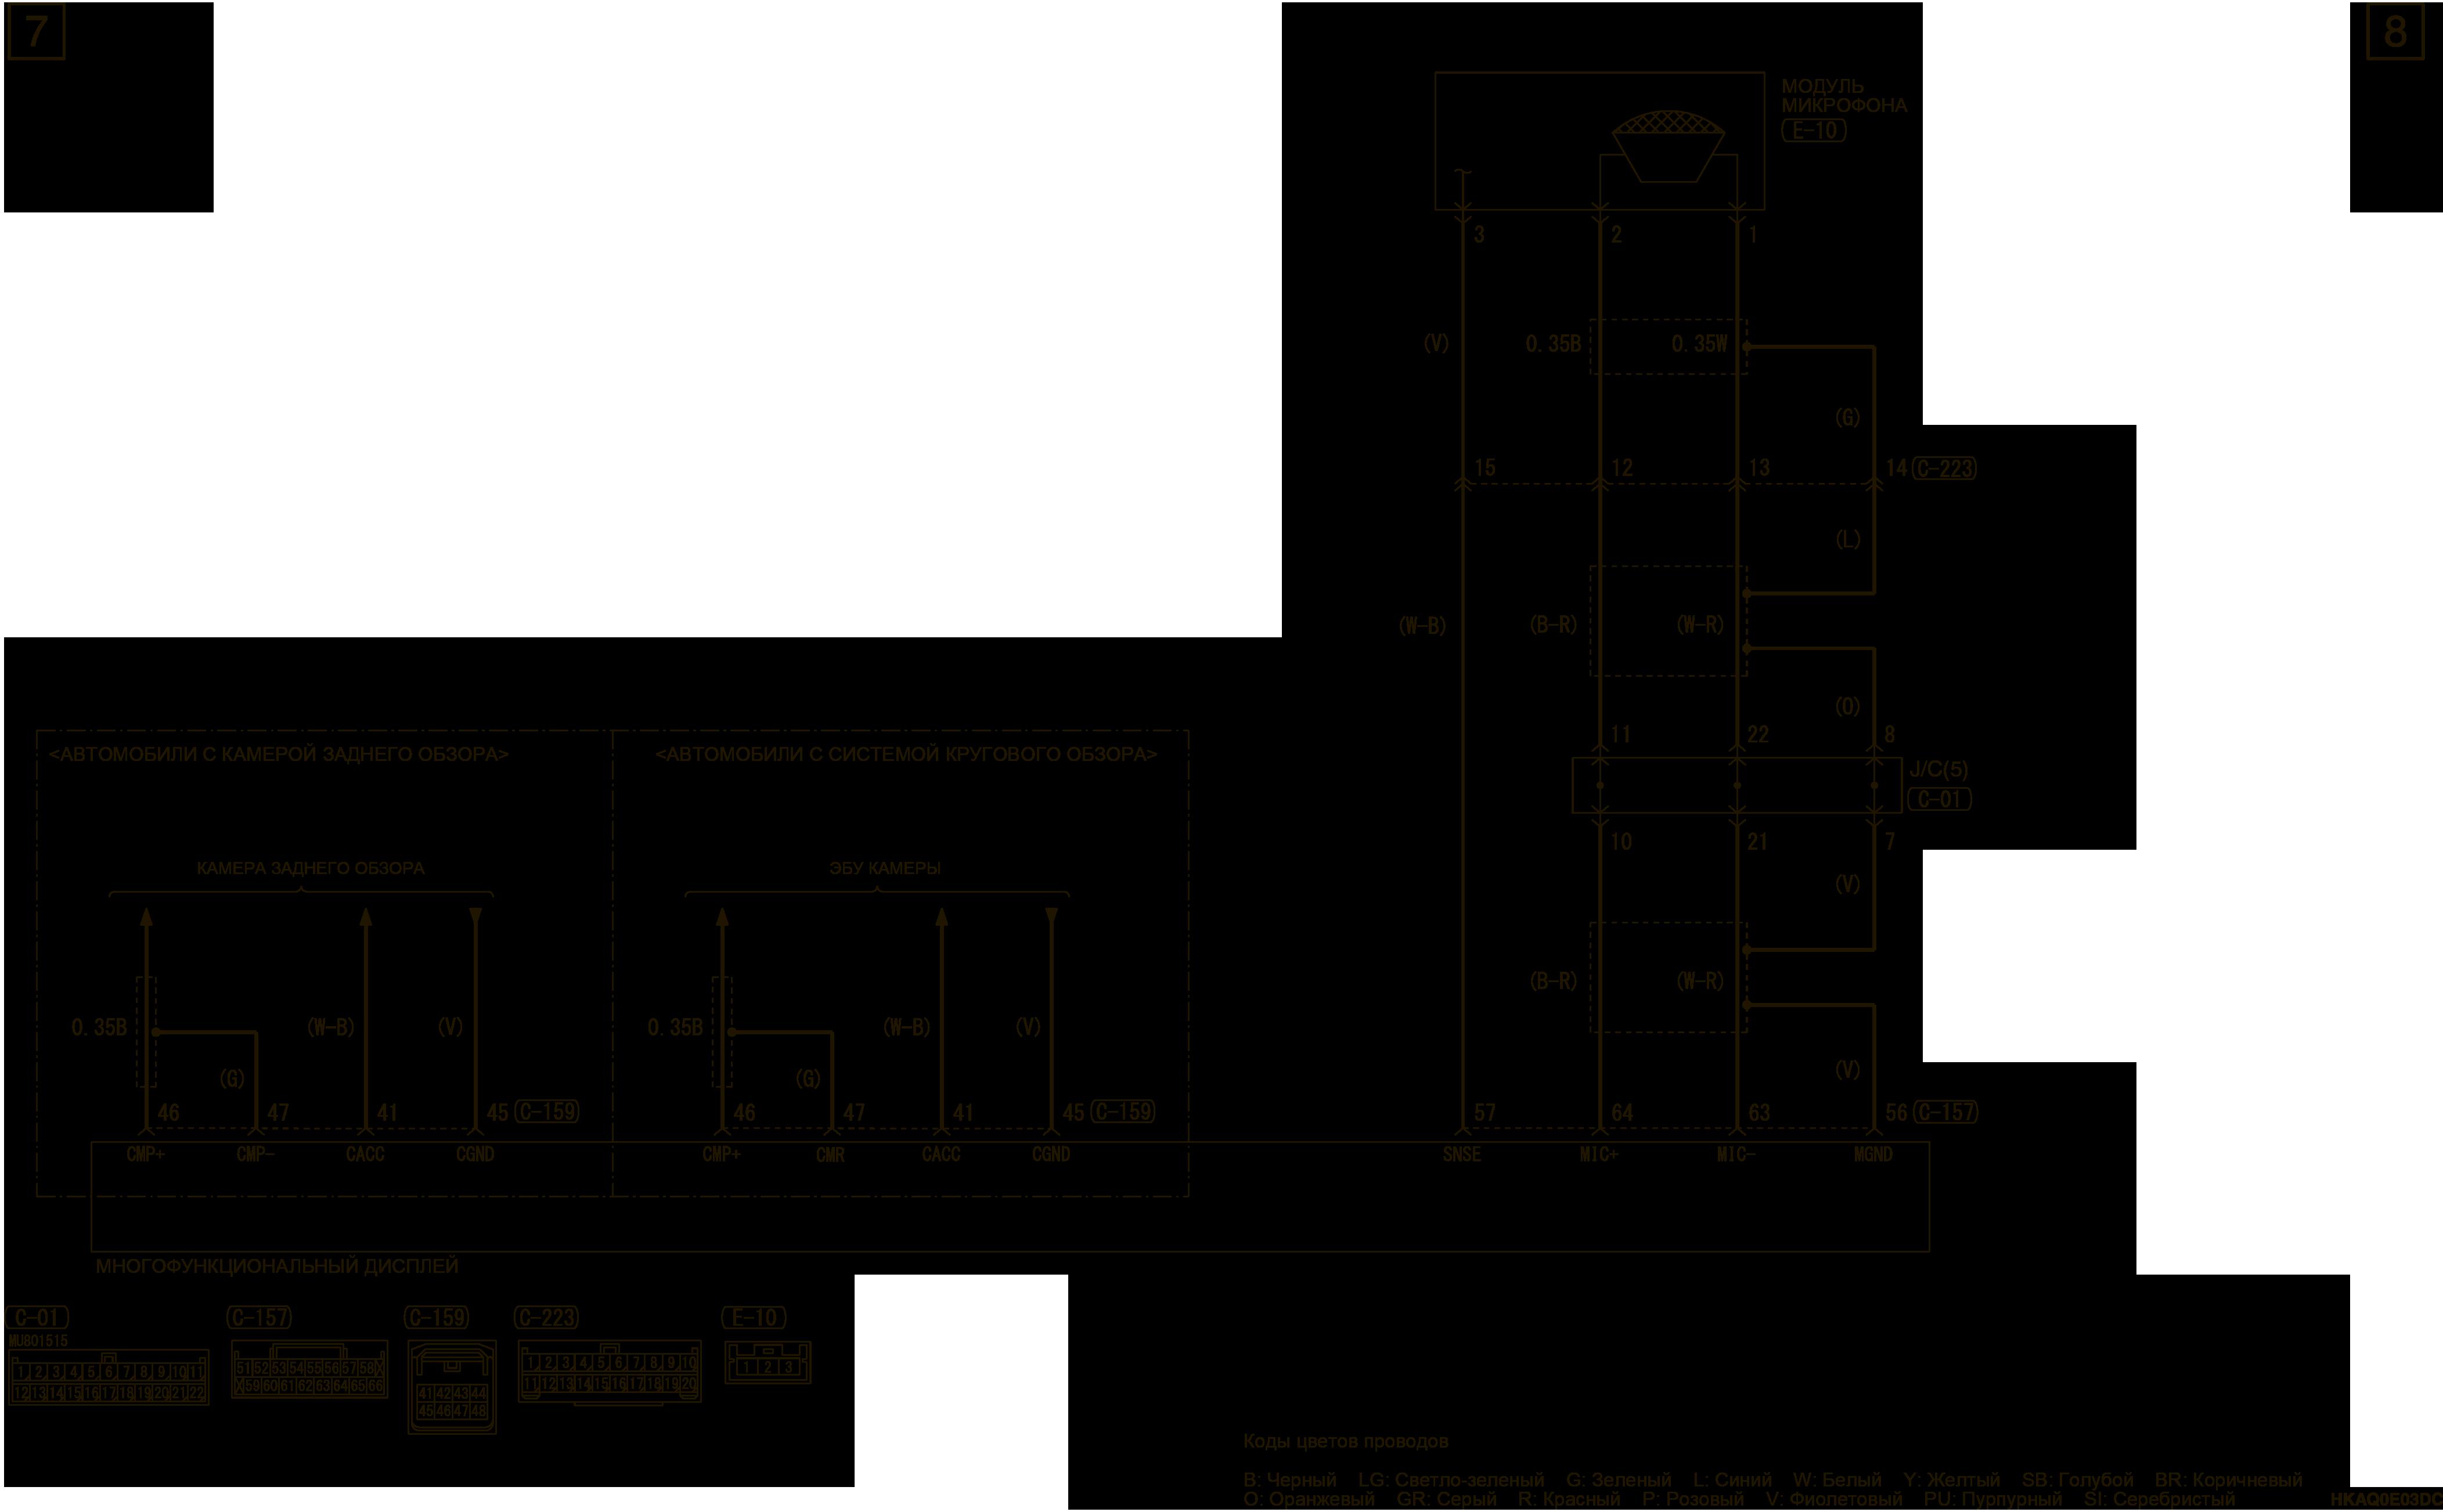 mmc аутлендер 3 2019 электросхемаАУДИОСИСТЕМА АВТОМОБИЛИ С АУДИОСИСТЕМОЙ SMARTPHONE LINK DISPLAY (ПРАВОСТОРОННЕЕ УПРАВЛЕНИЕ)